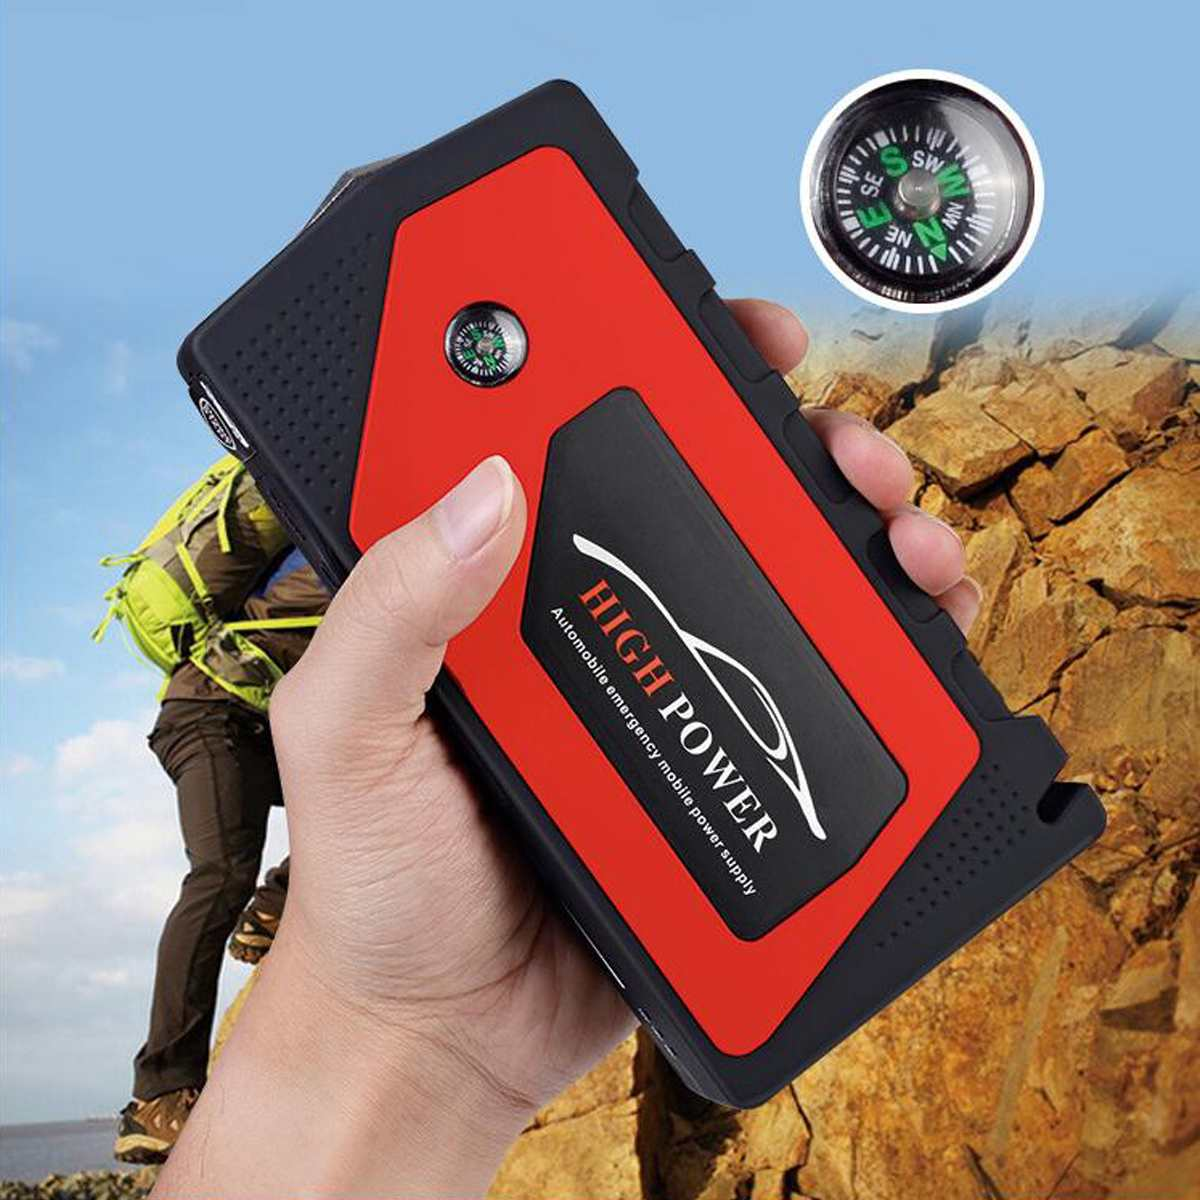 Démarreur de saut de voiture Portable 4 Ports USB démarreur de saut de voiture chargeur portatif batterie chargeur dispositif de démarrage pour les Diesels à essence de téléphone - 3